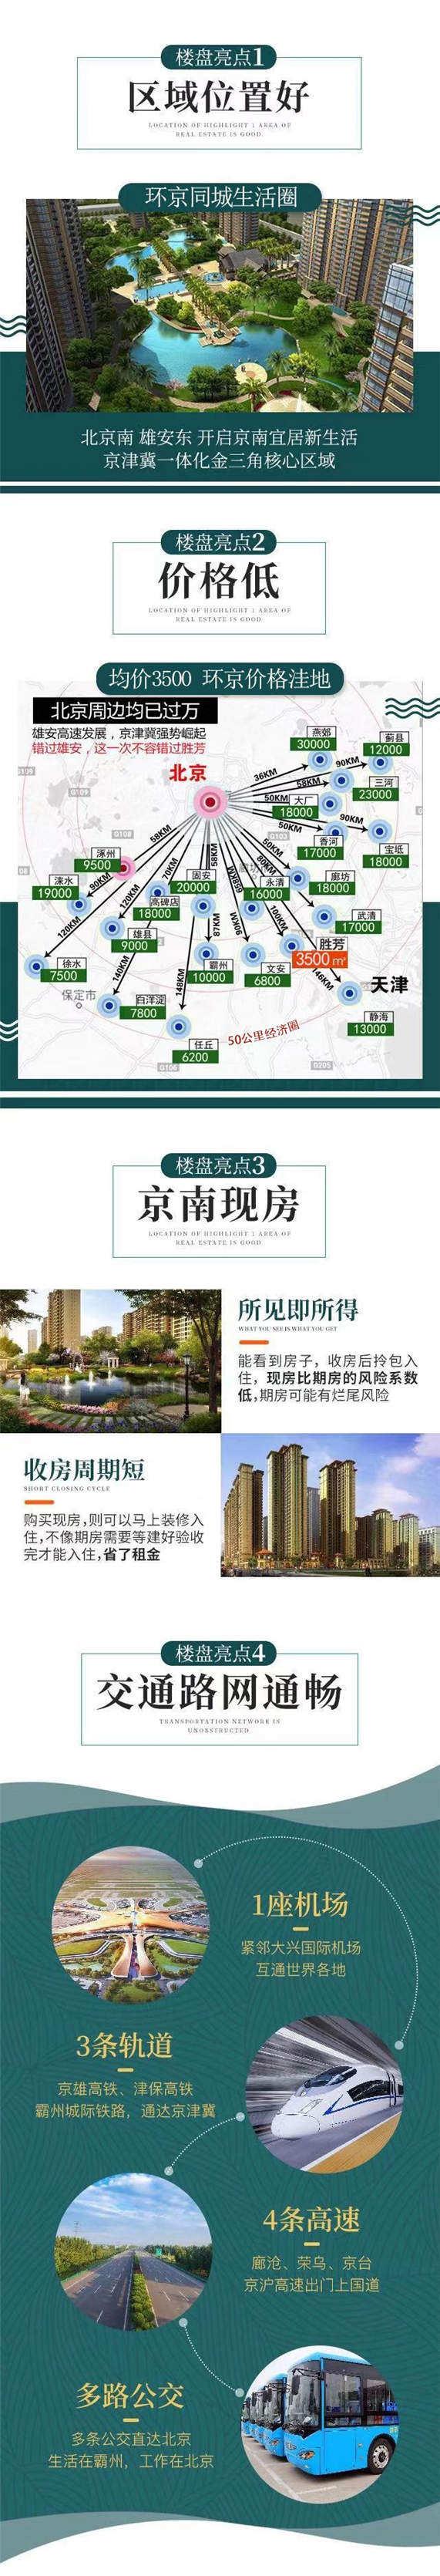 北京周边河北房价哪的便宜-龙江花园